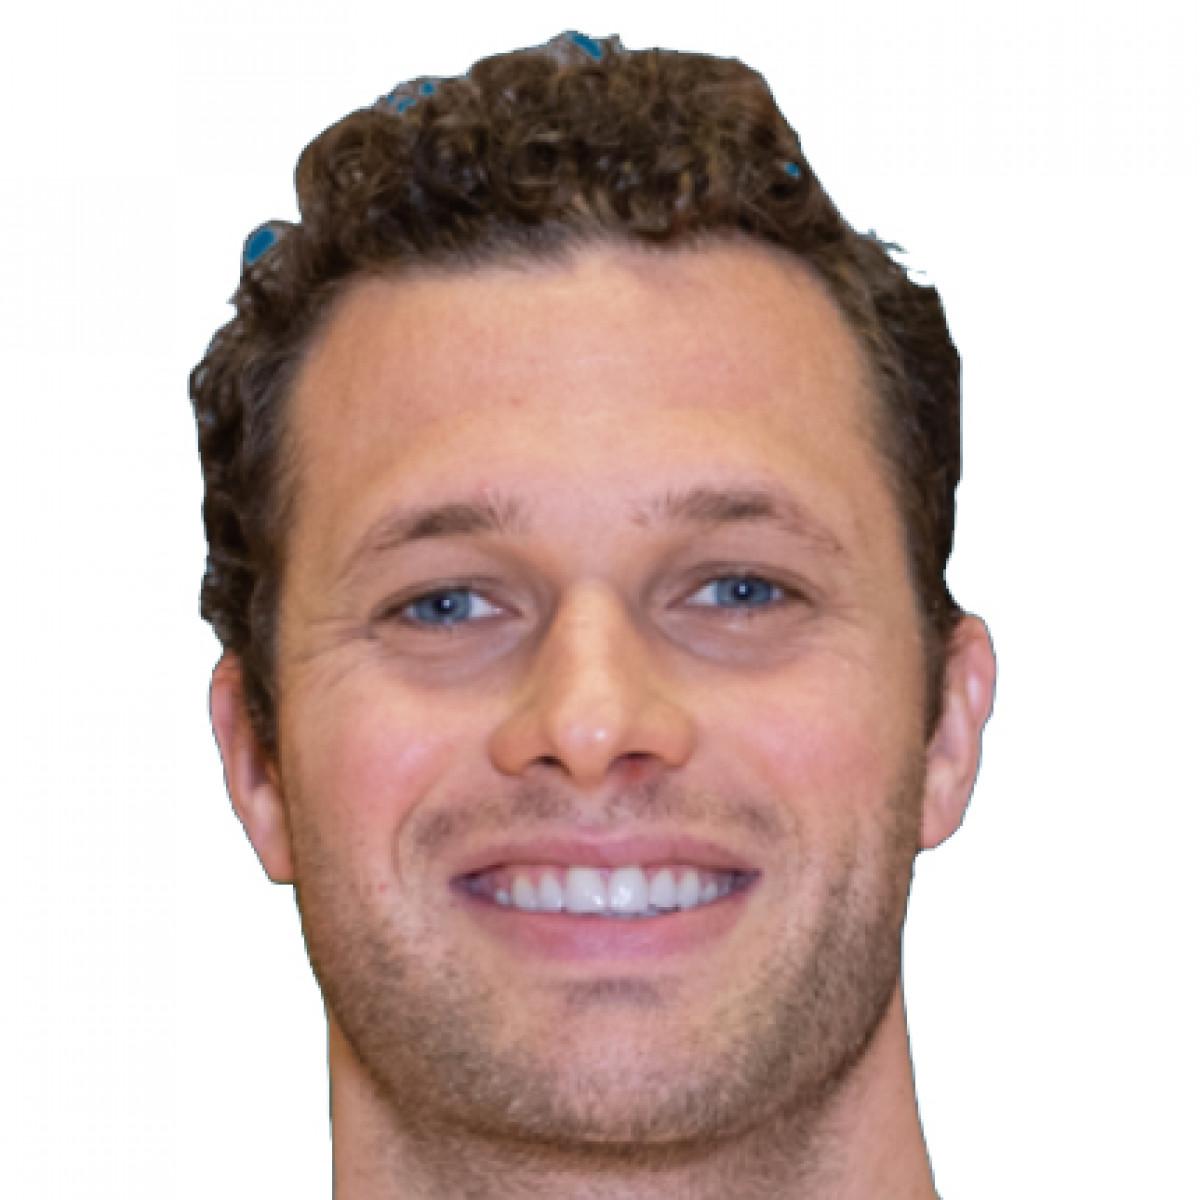 Noah Dahlman